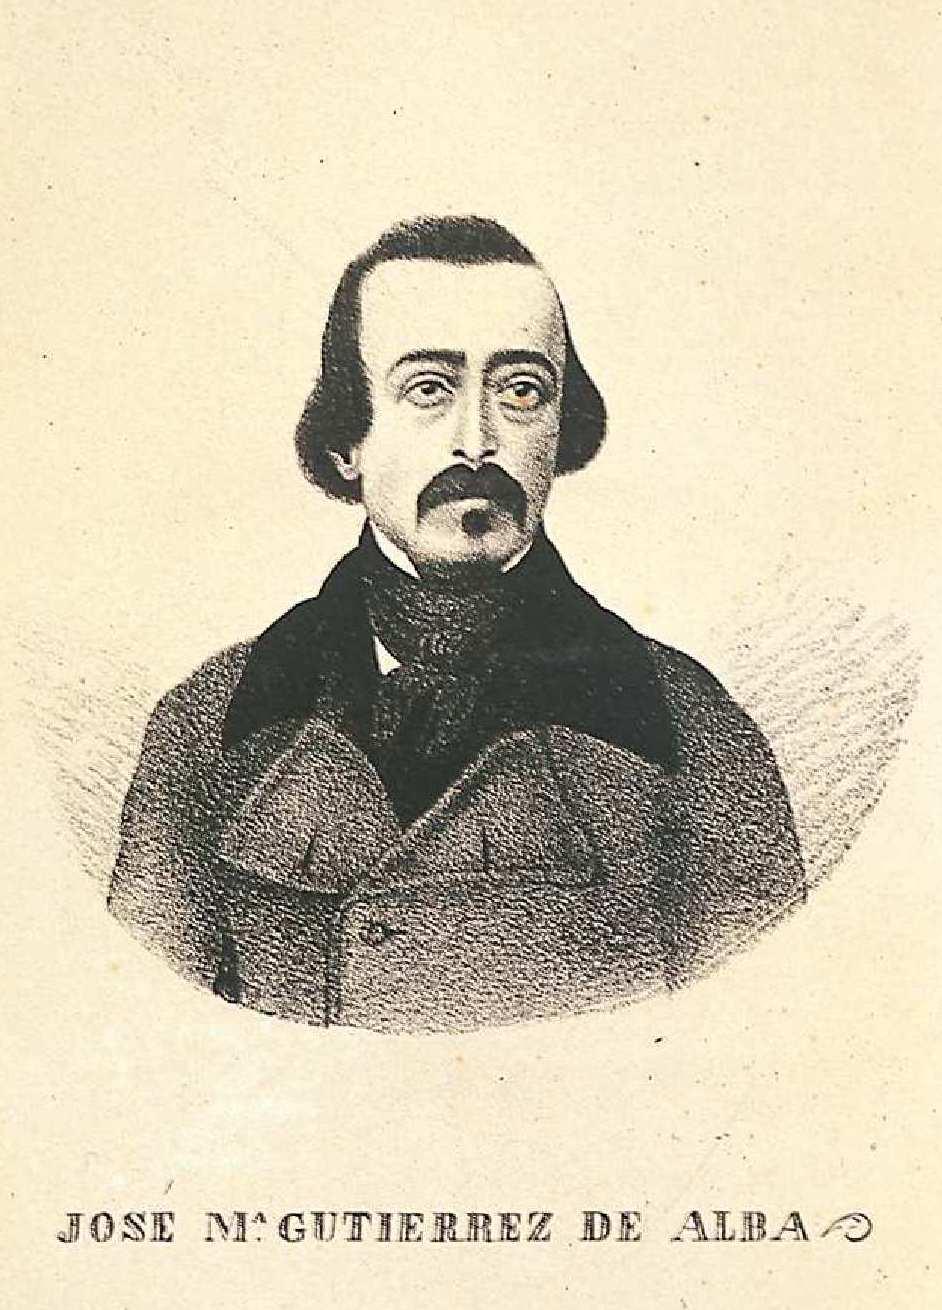 José María Gutiérrez de Alba